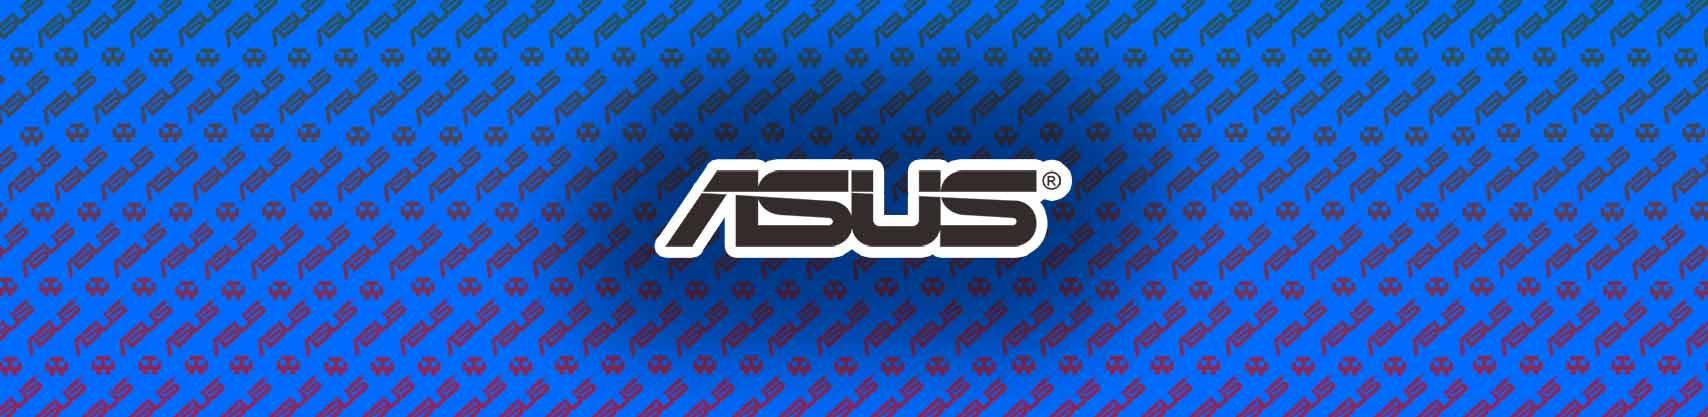 Asus RT-N56U Manual